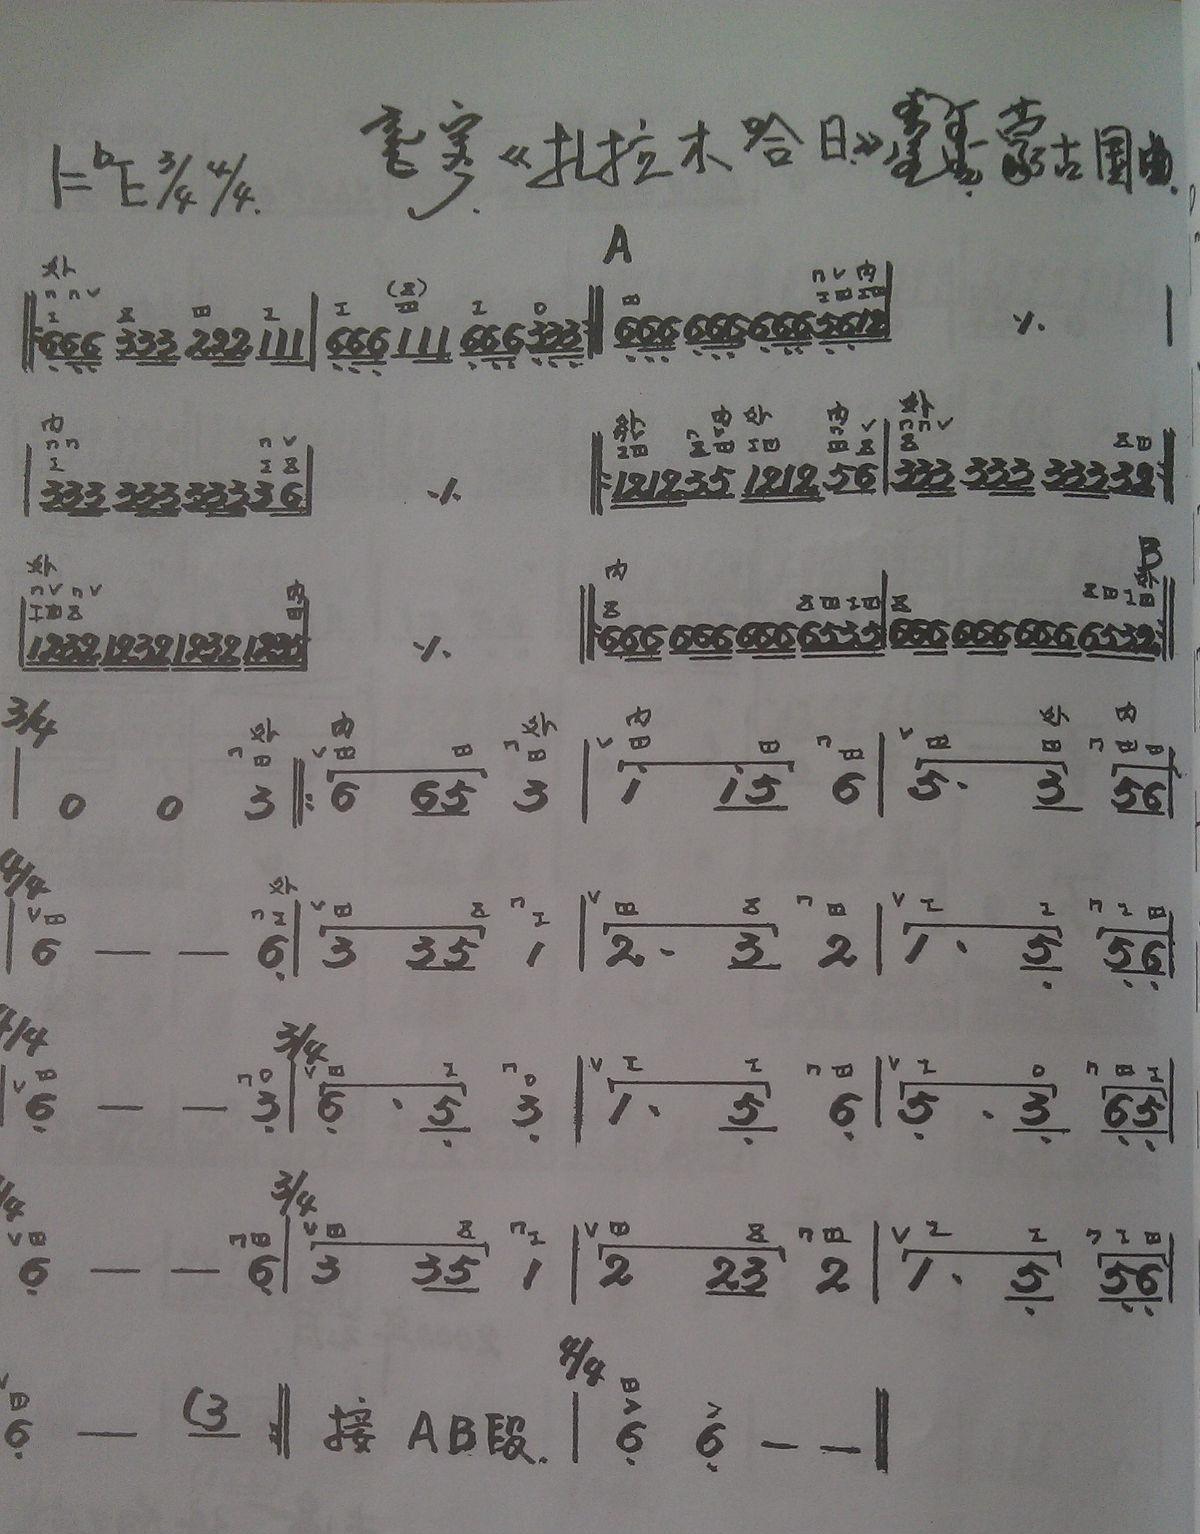 乐谱:马头琴曲《jalam图片